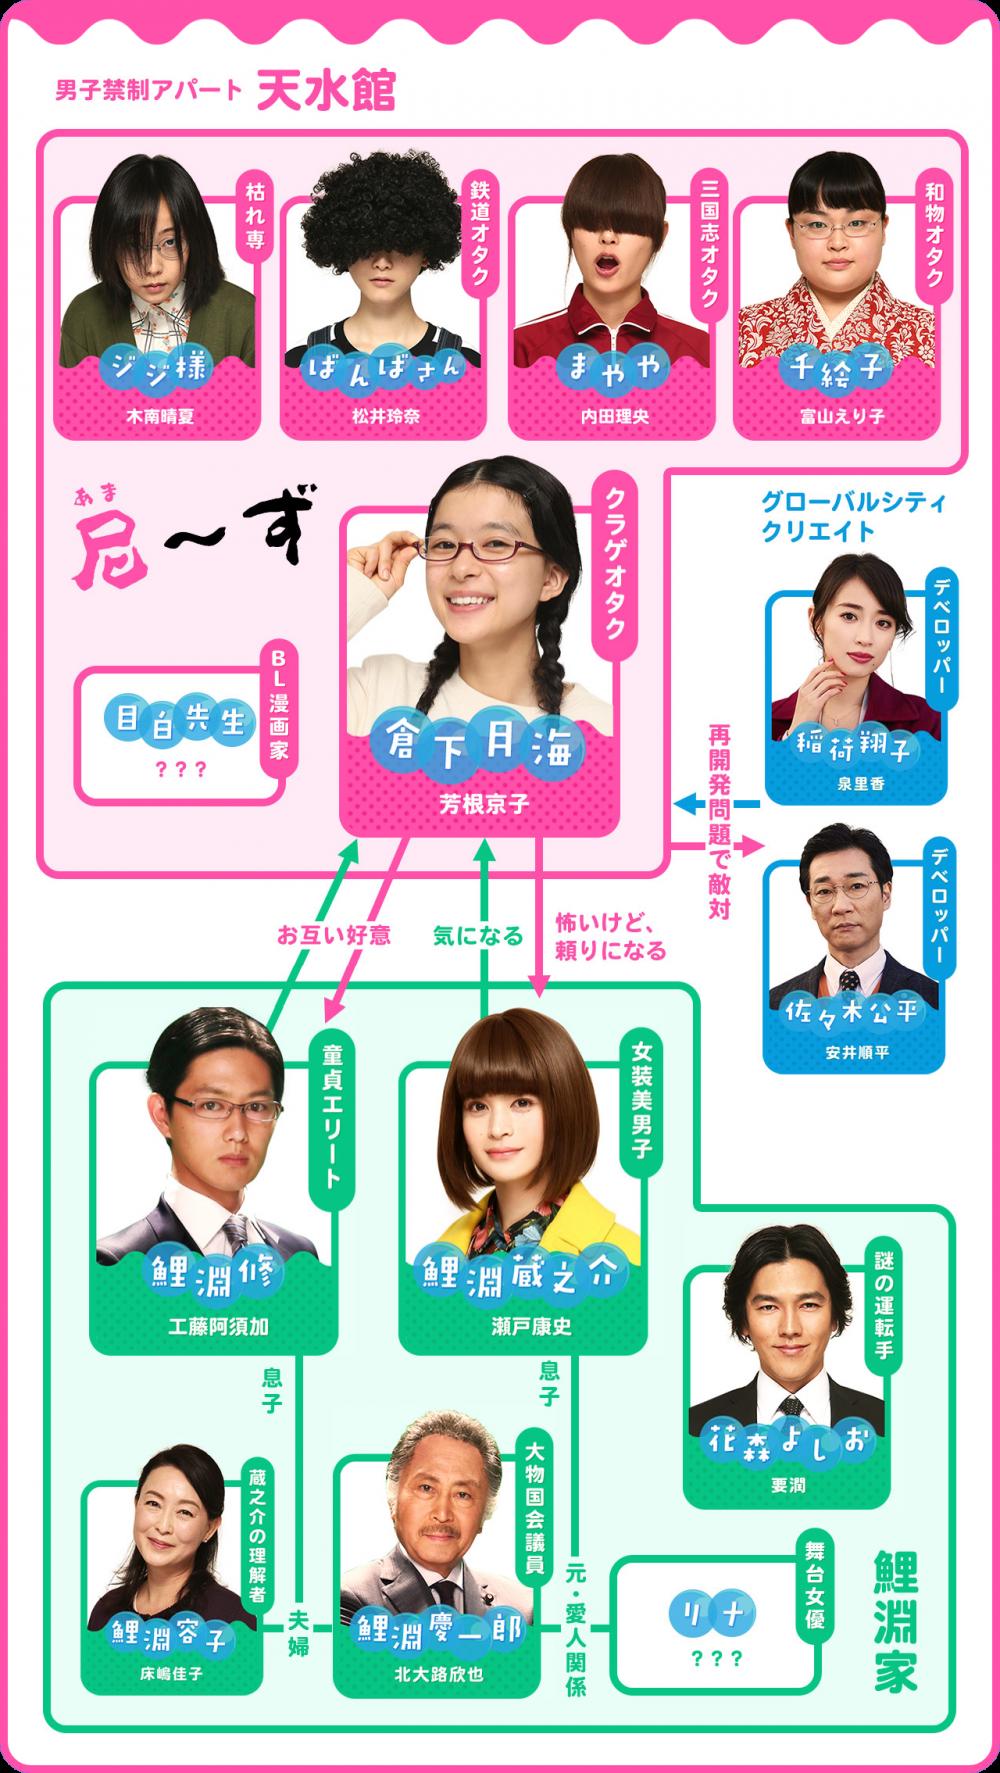 海月姫のドラマ相関図